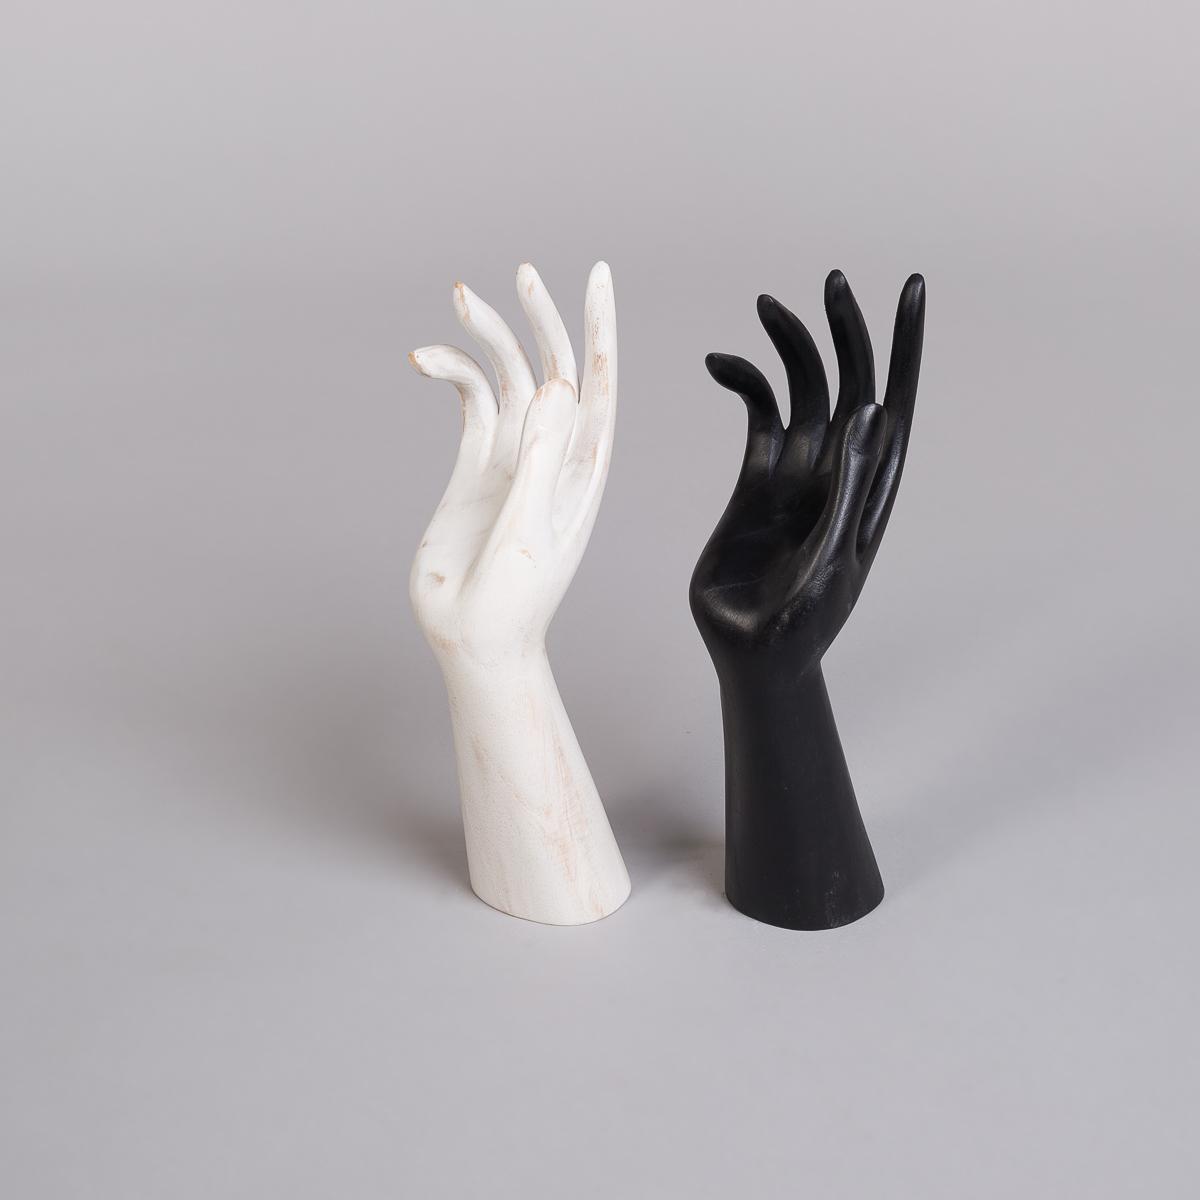 Smykkeholder hånd i svart - Høyde 30 cm-70